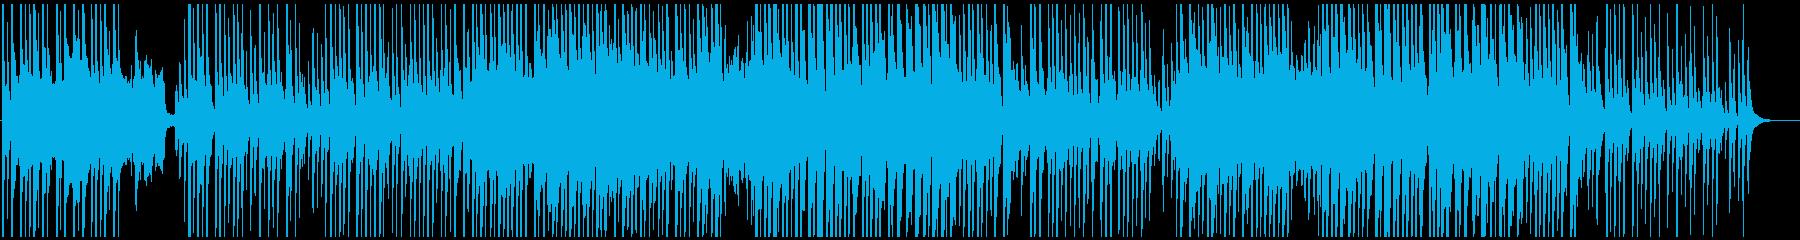 和風沖縄民謡風 三線でどこか懐かしいの再生済みの波形